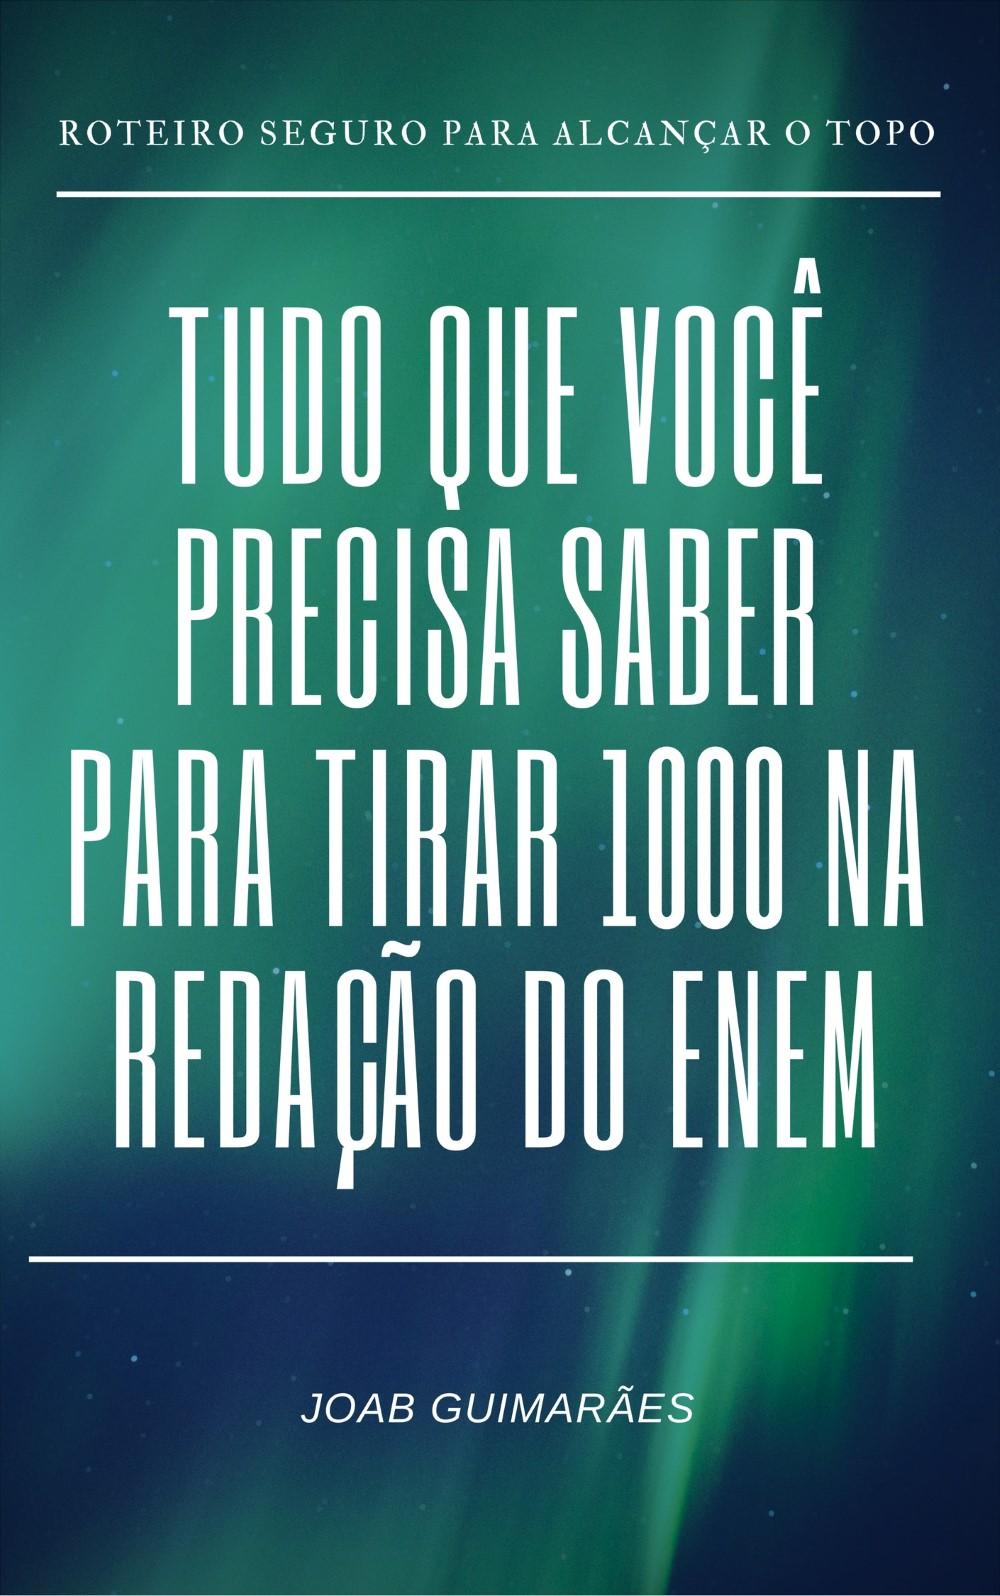 Capa do ebook TUDO QUE VOCÊ PRECISA SABER PARA TIRAR 1000 NA REDAÇÃO DO ENEM